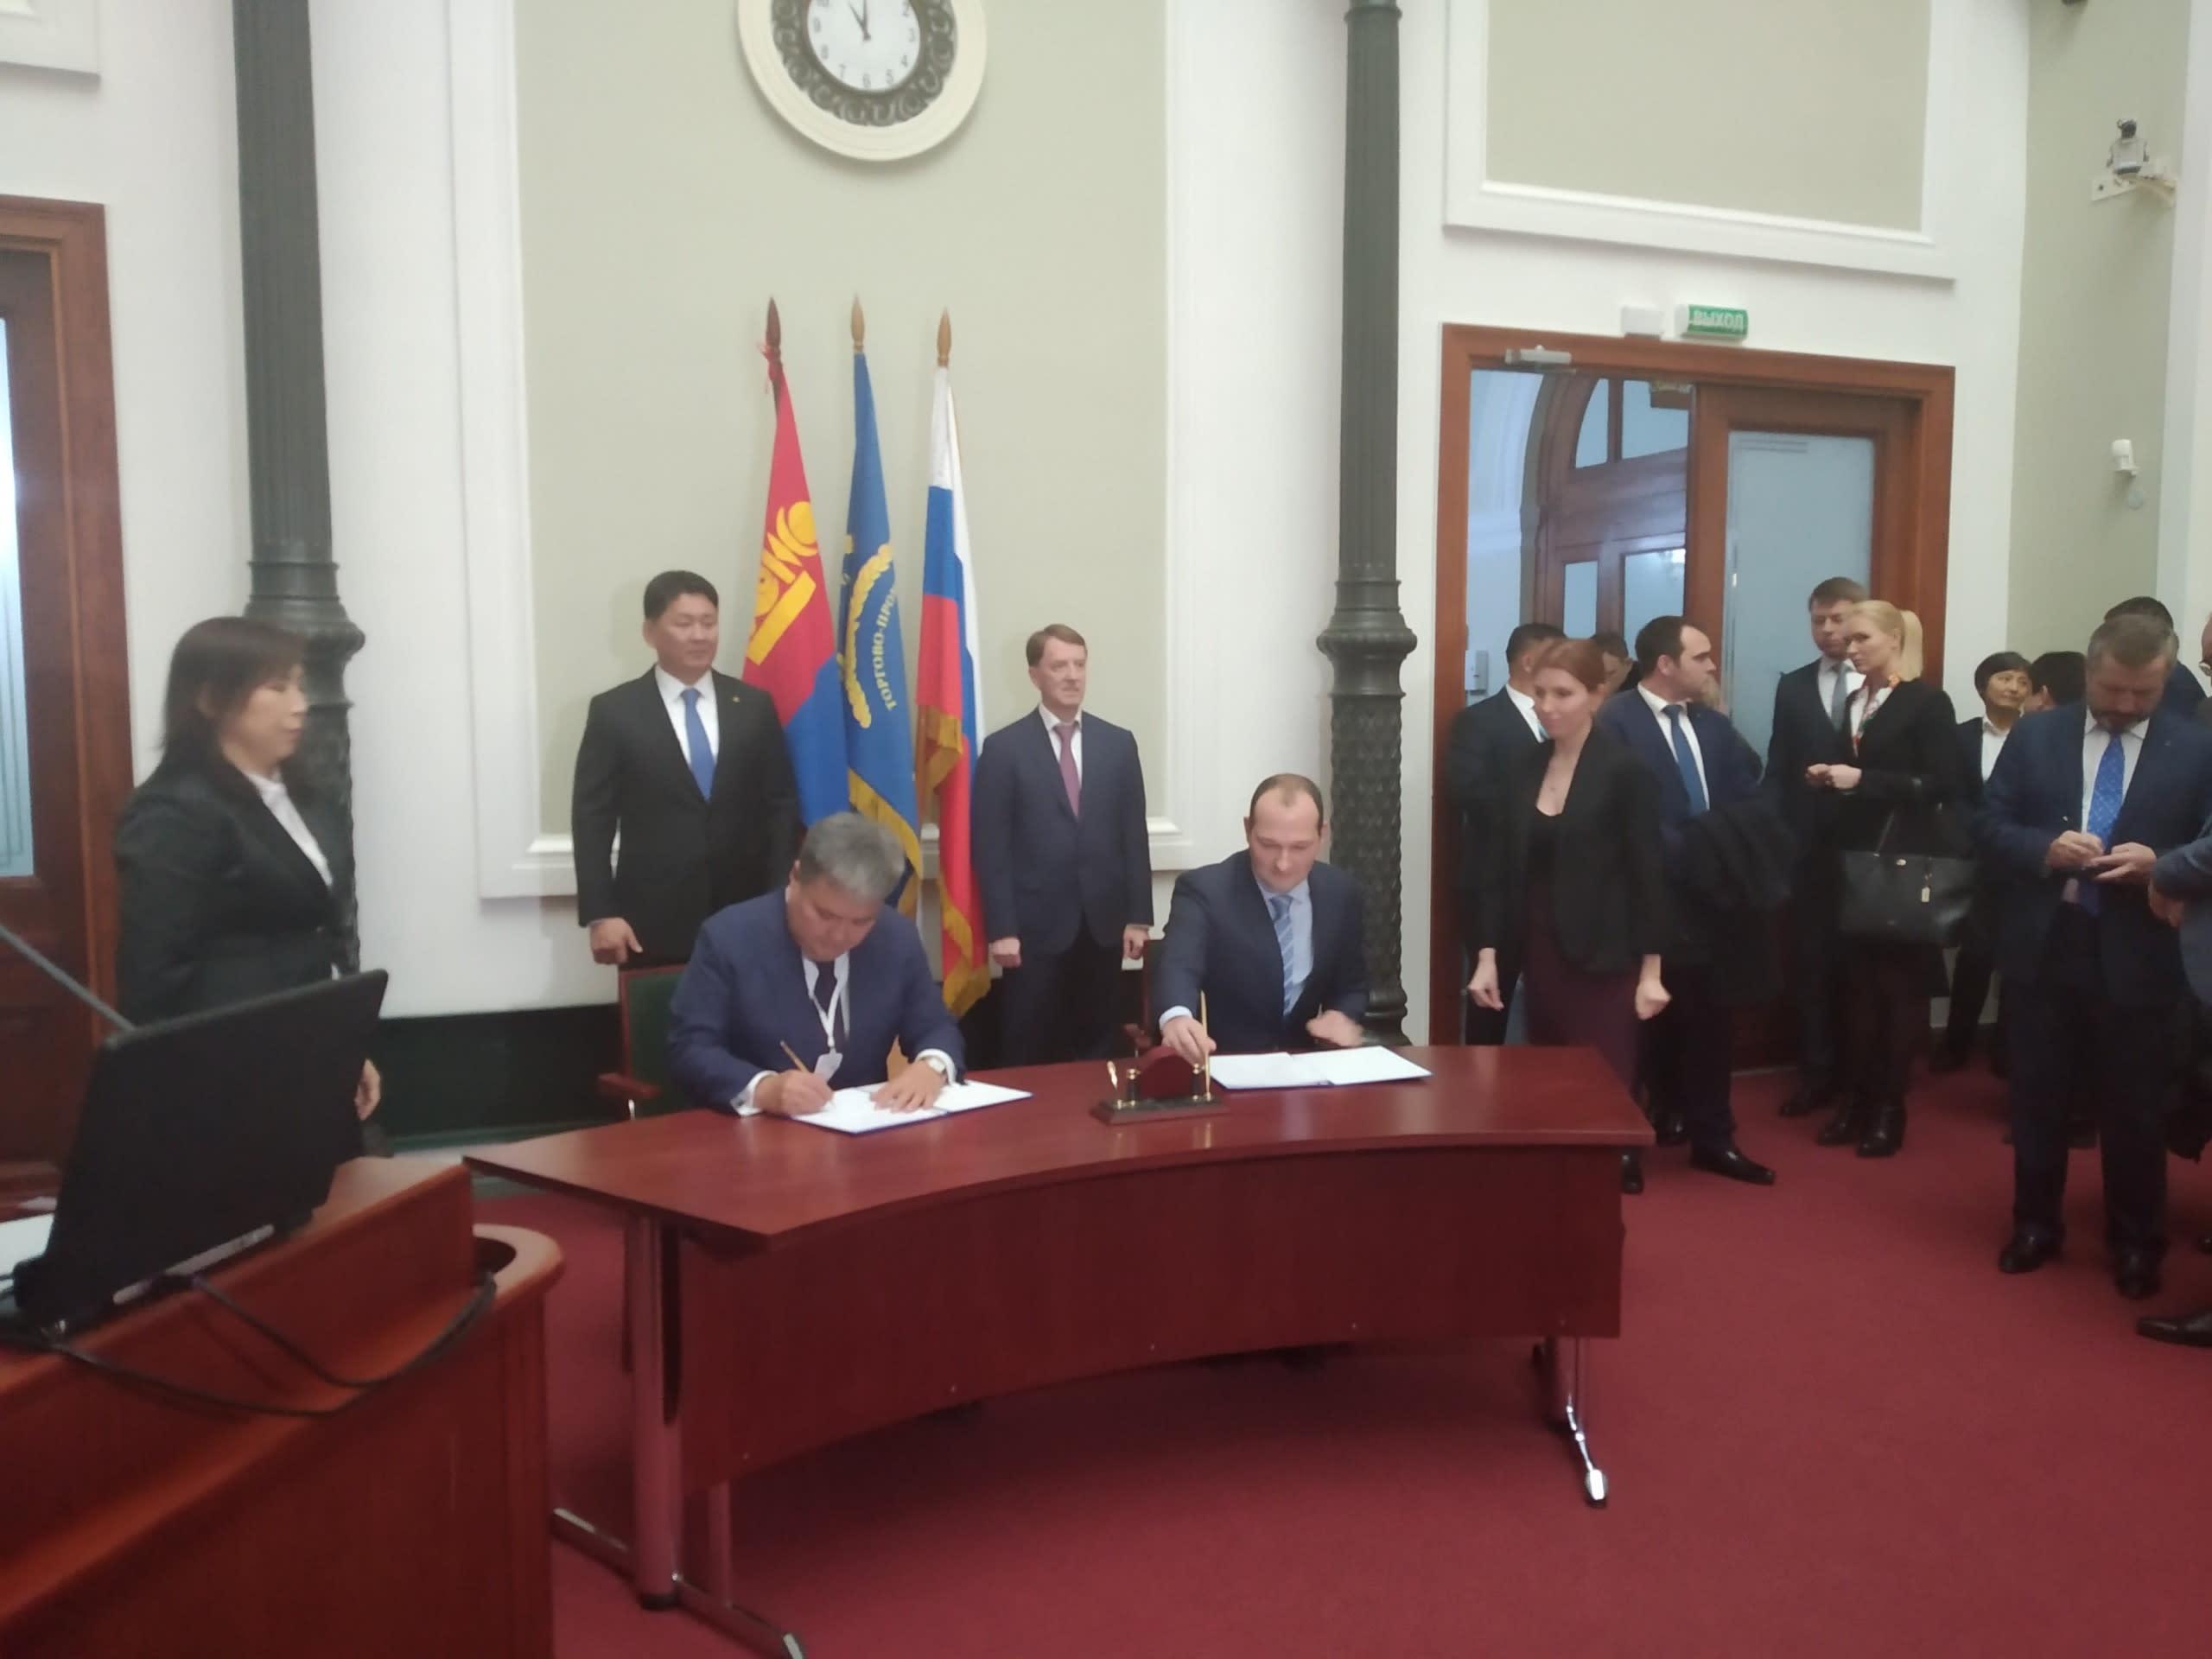 МИБ развивает партнерство на монгольском направлении: представители Банка приняли участие в работе российско-монгольского бизнес-форума и подписали важное двустороннее соглашение